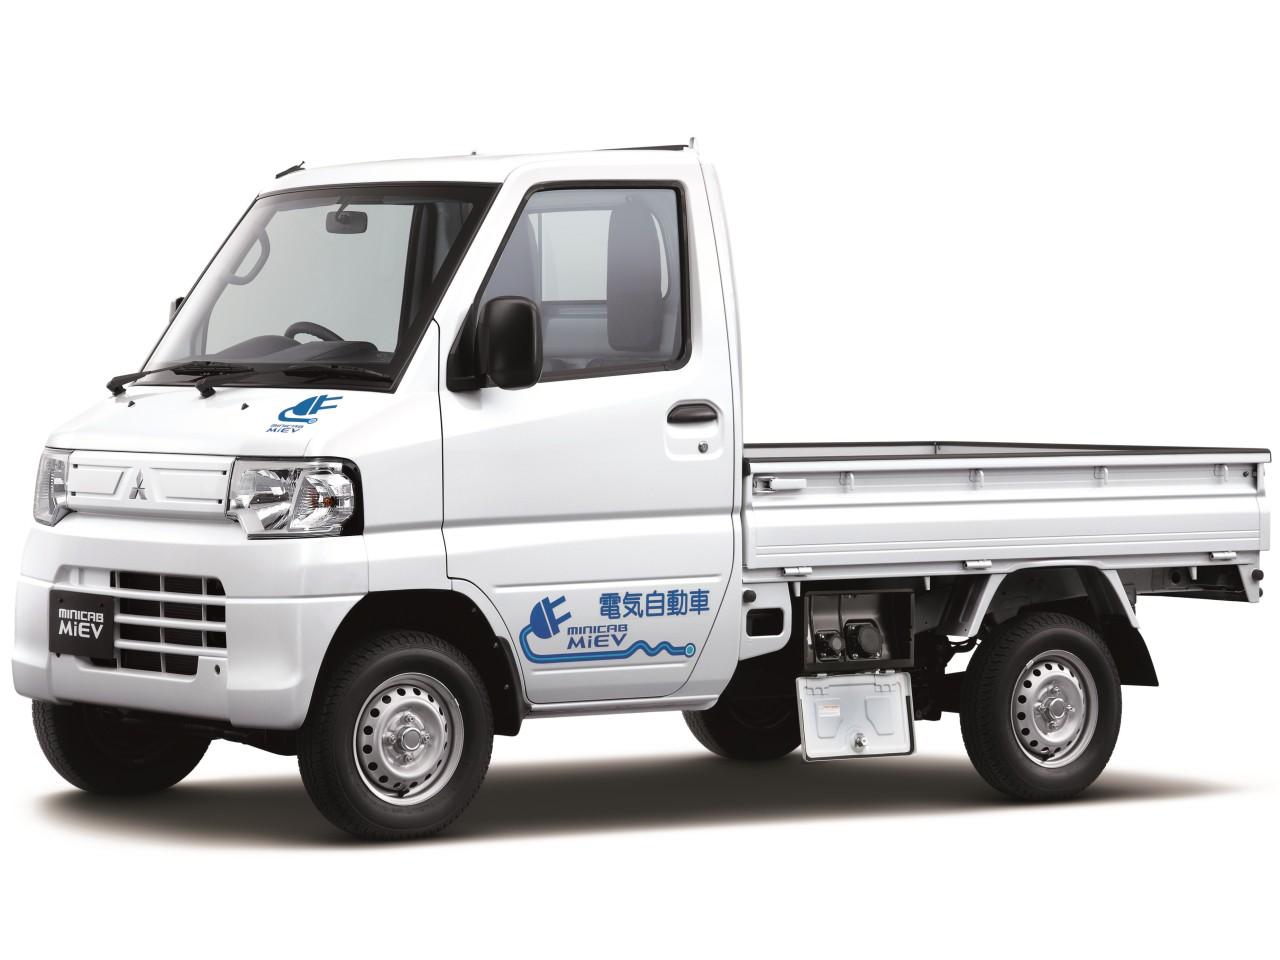 ミニキャブ MiEV トラック